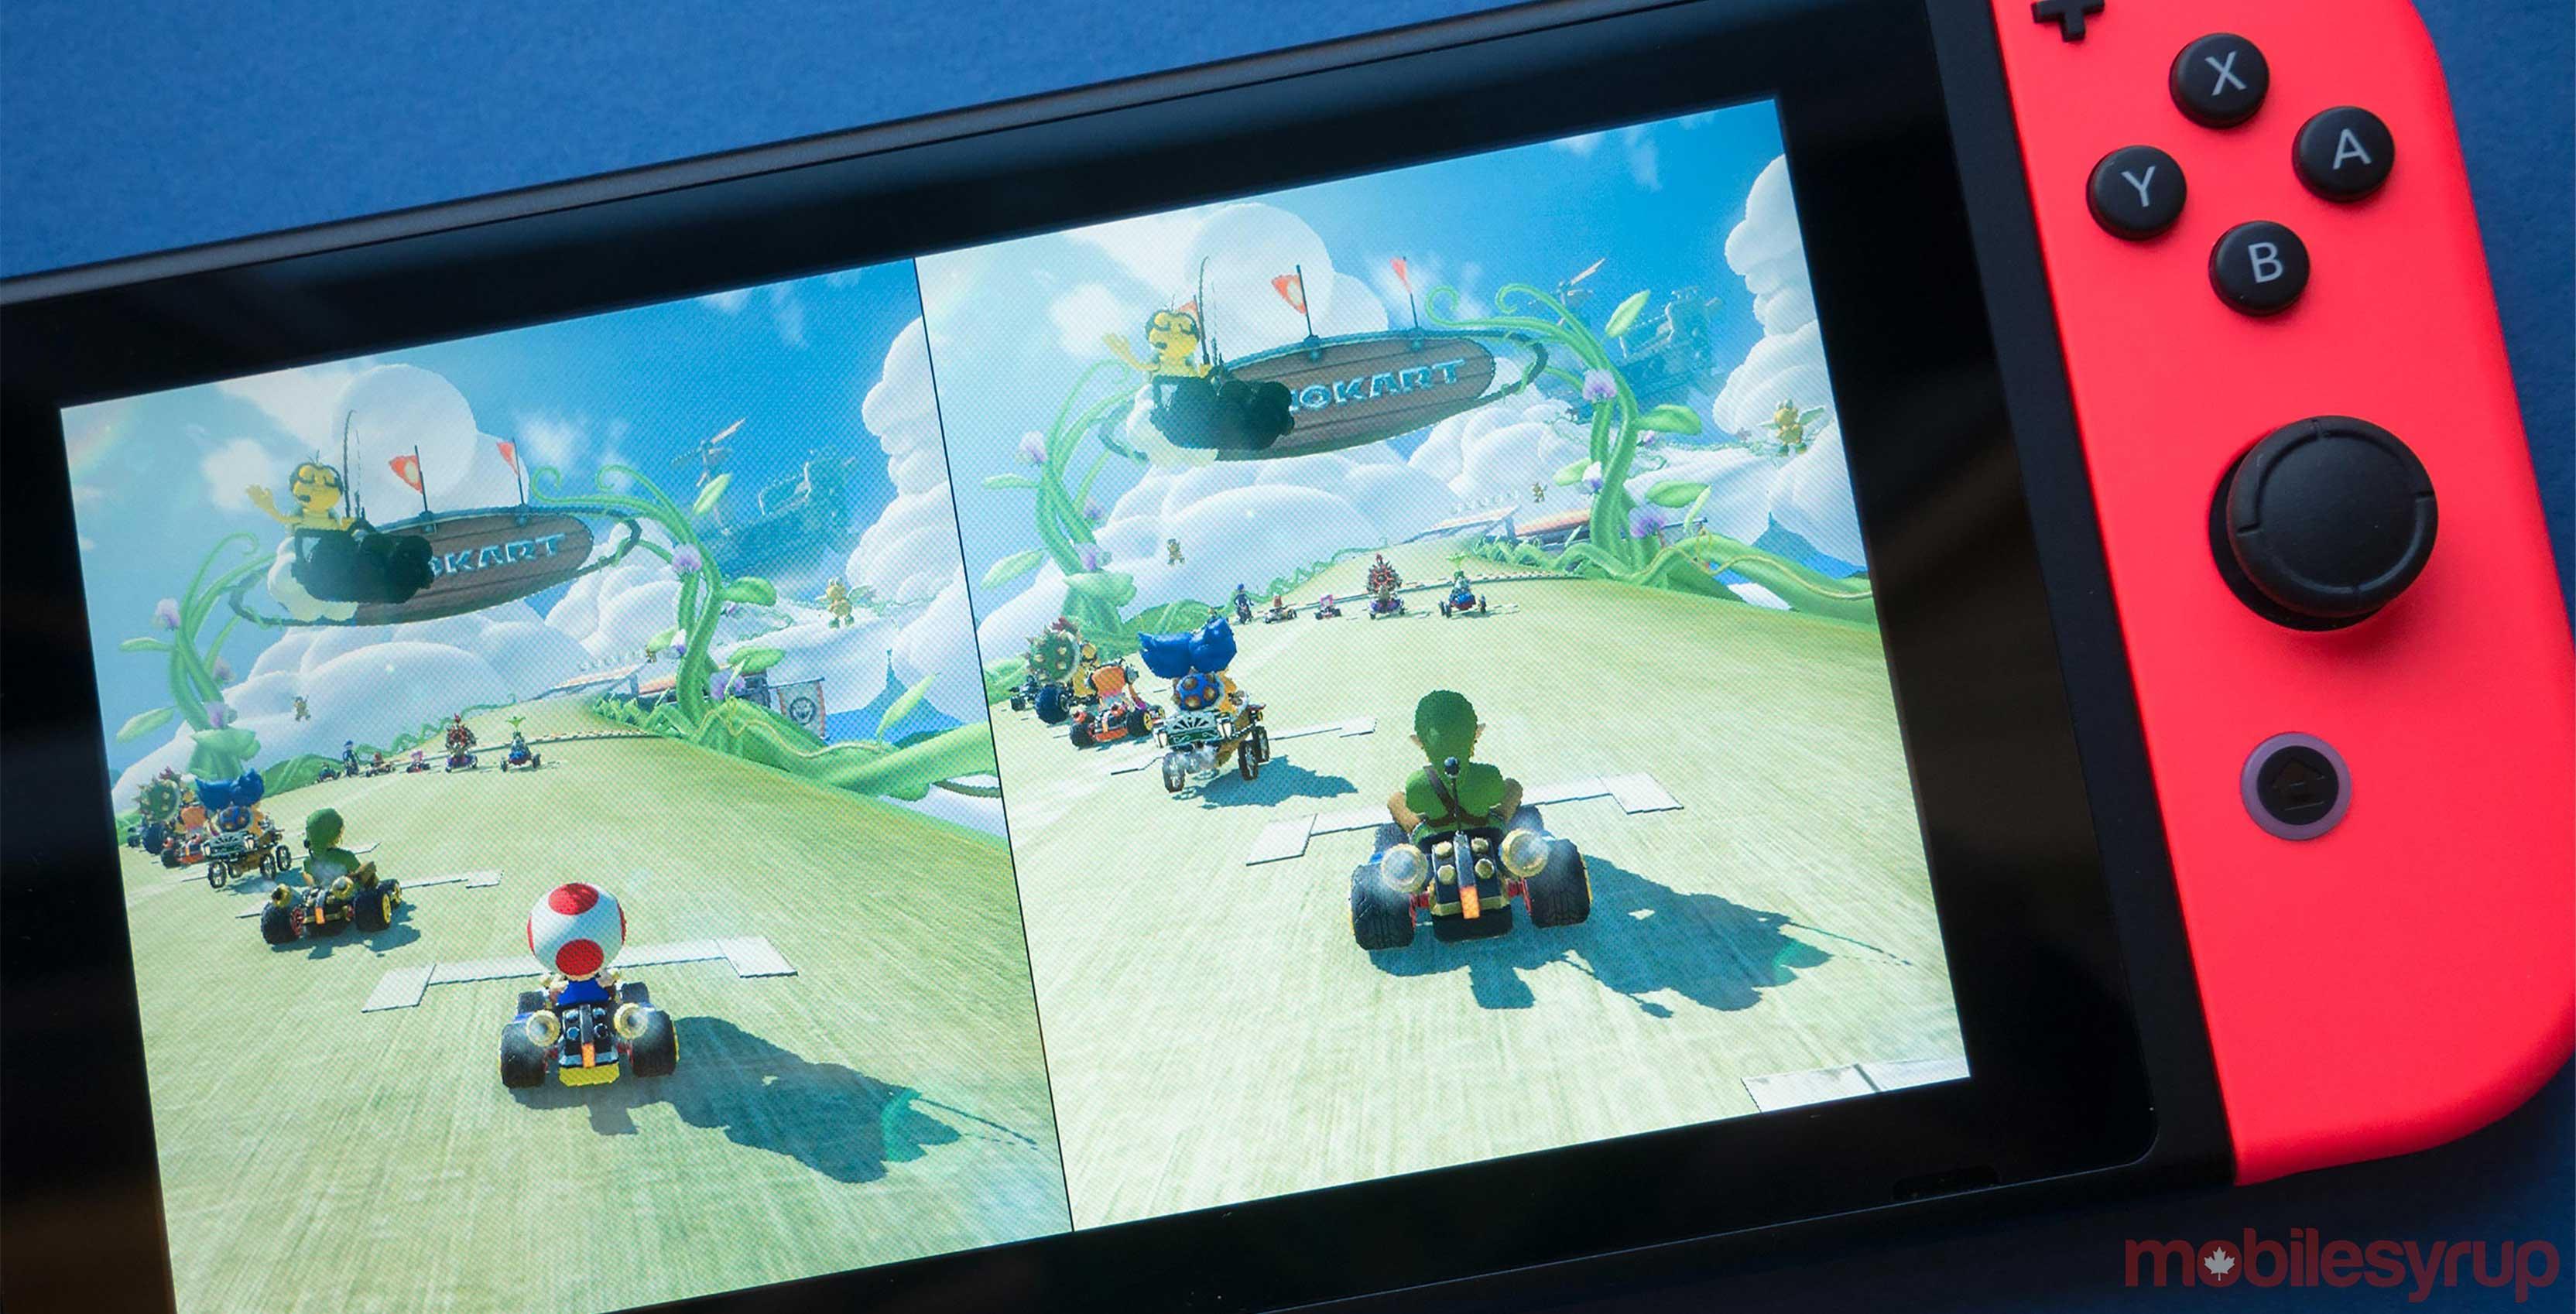 Nintendo Switch Mario Kart 8 Deluxe Link